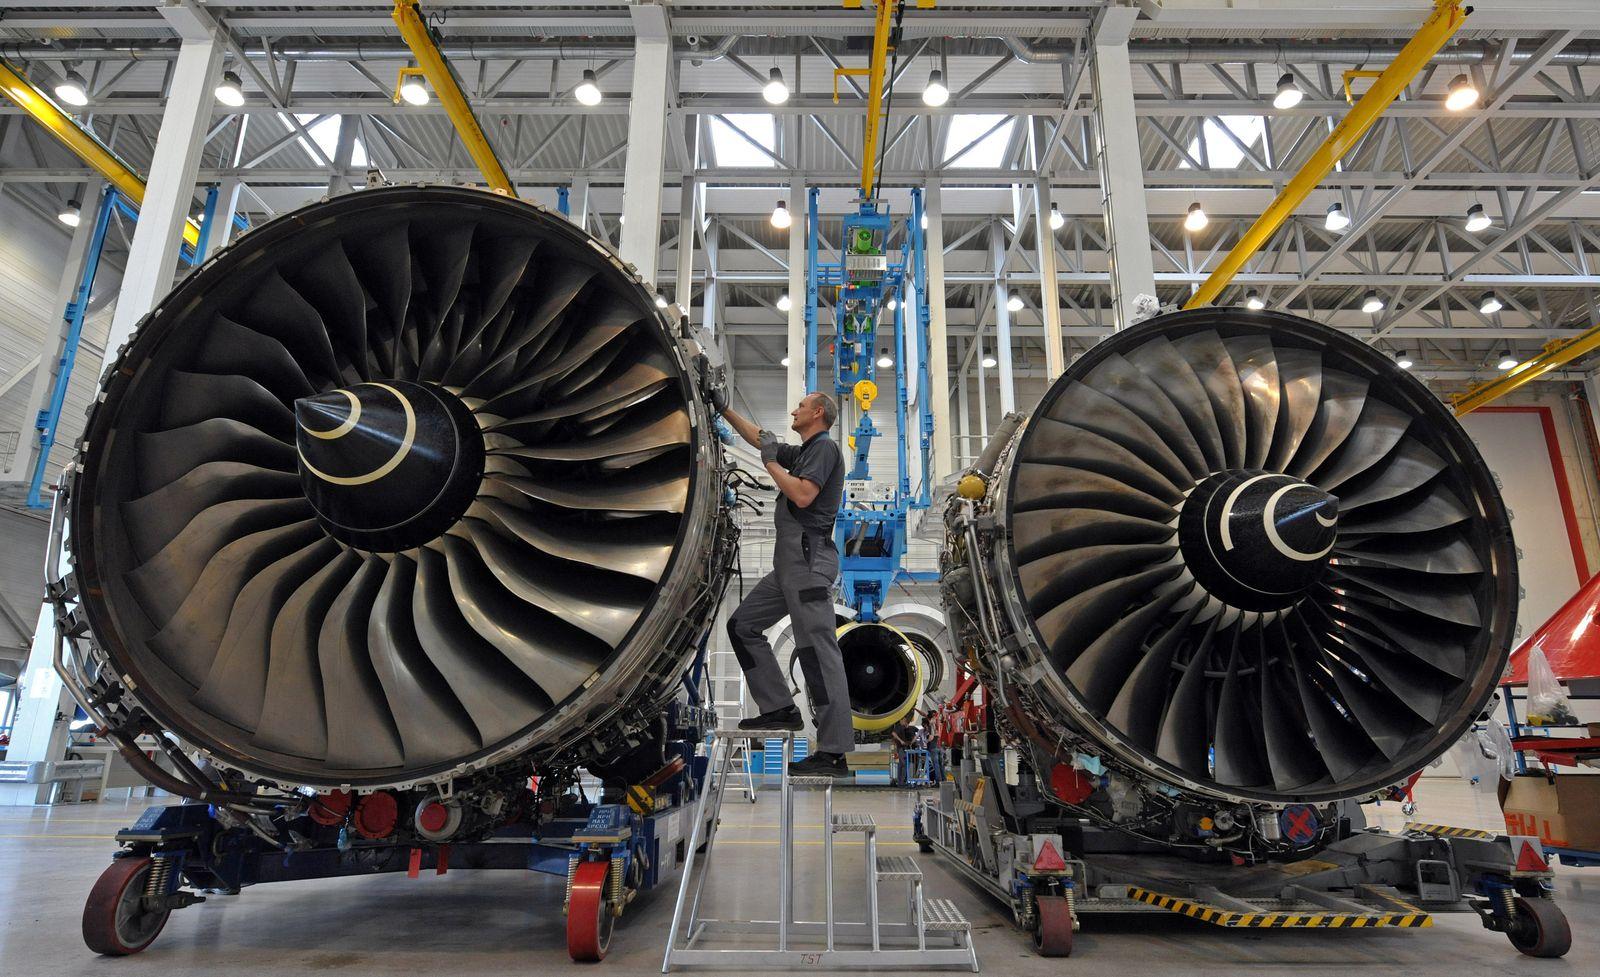 Flugzeug / Wartung / Reparatur / Triebwerk